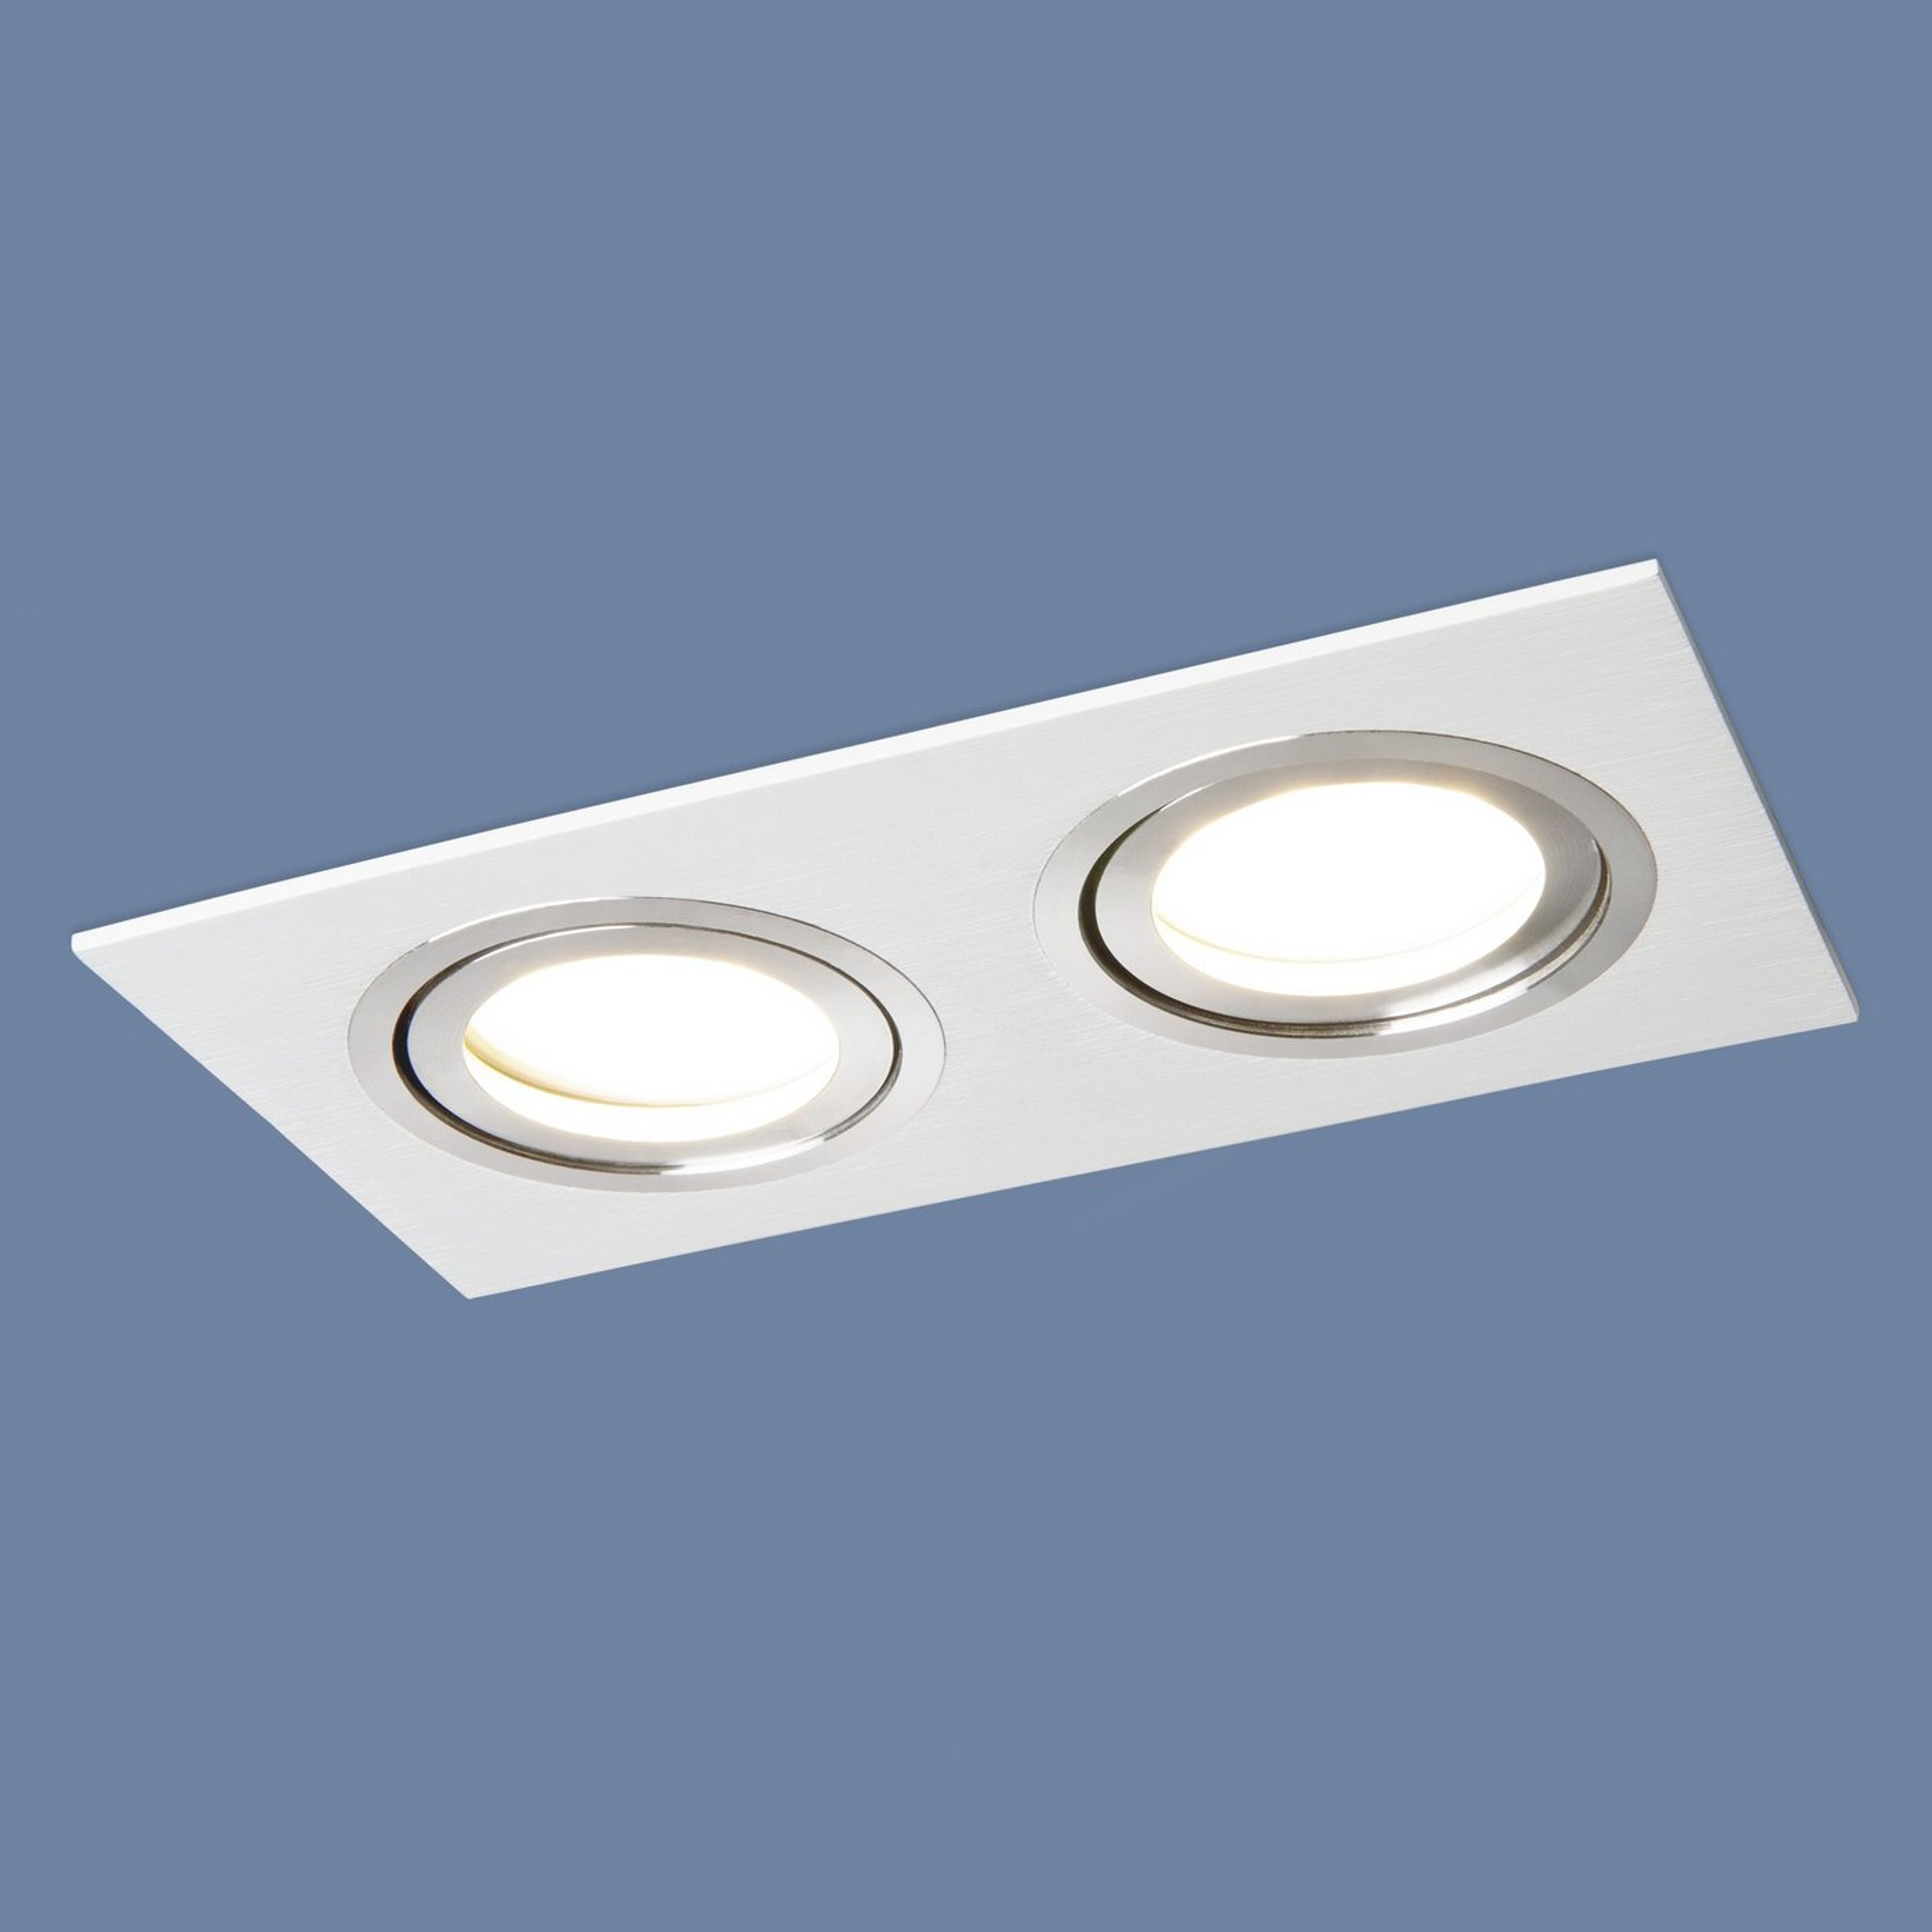 Фото Встраиваемый светильник Elektrostandard 1051 a035244